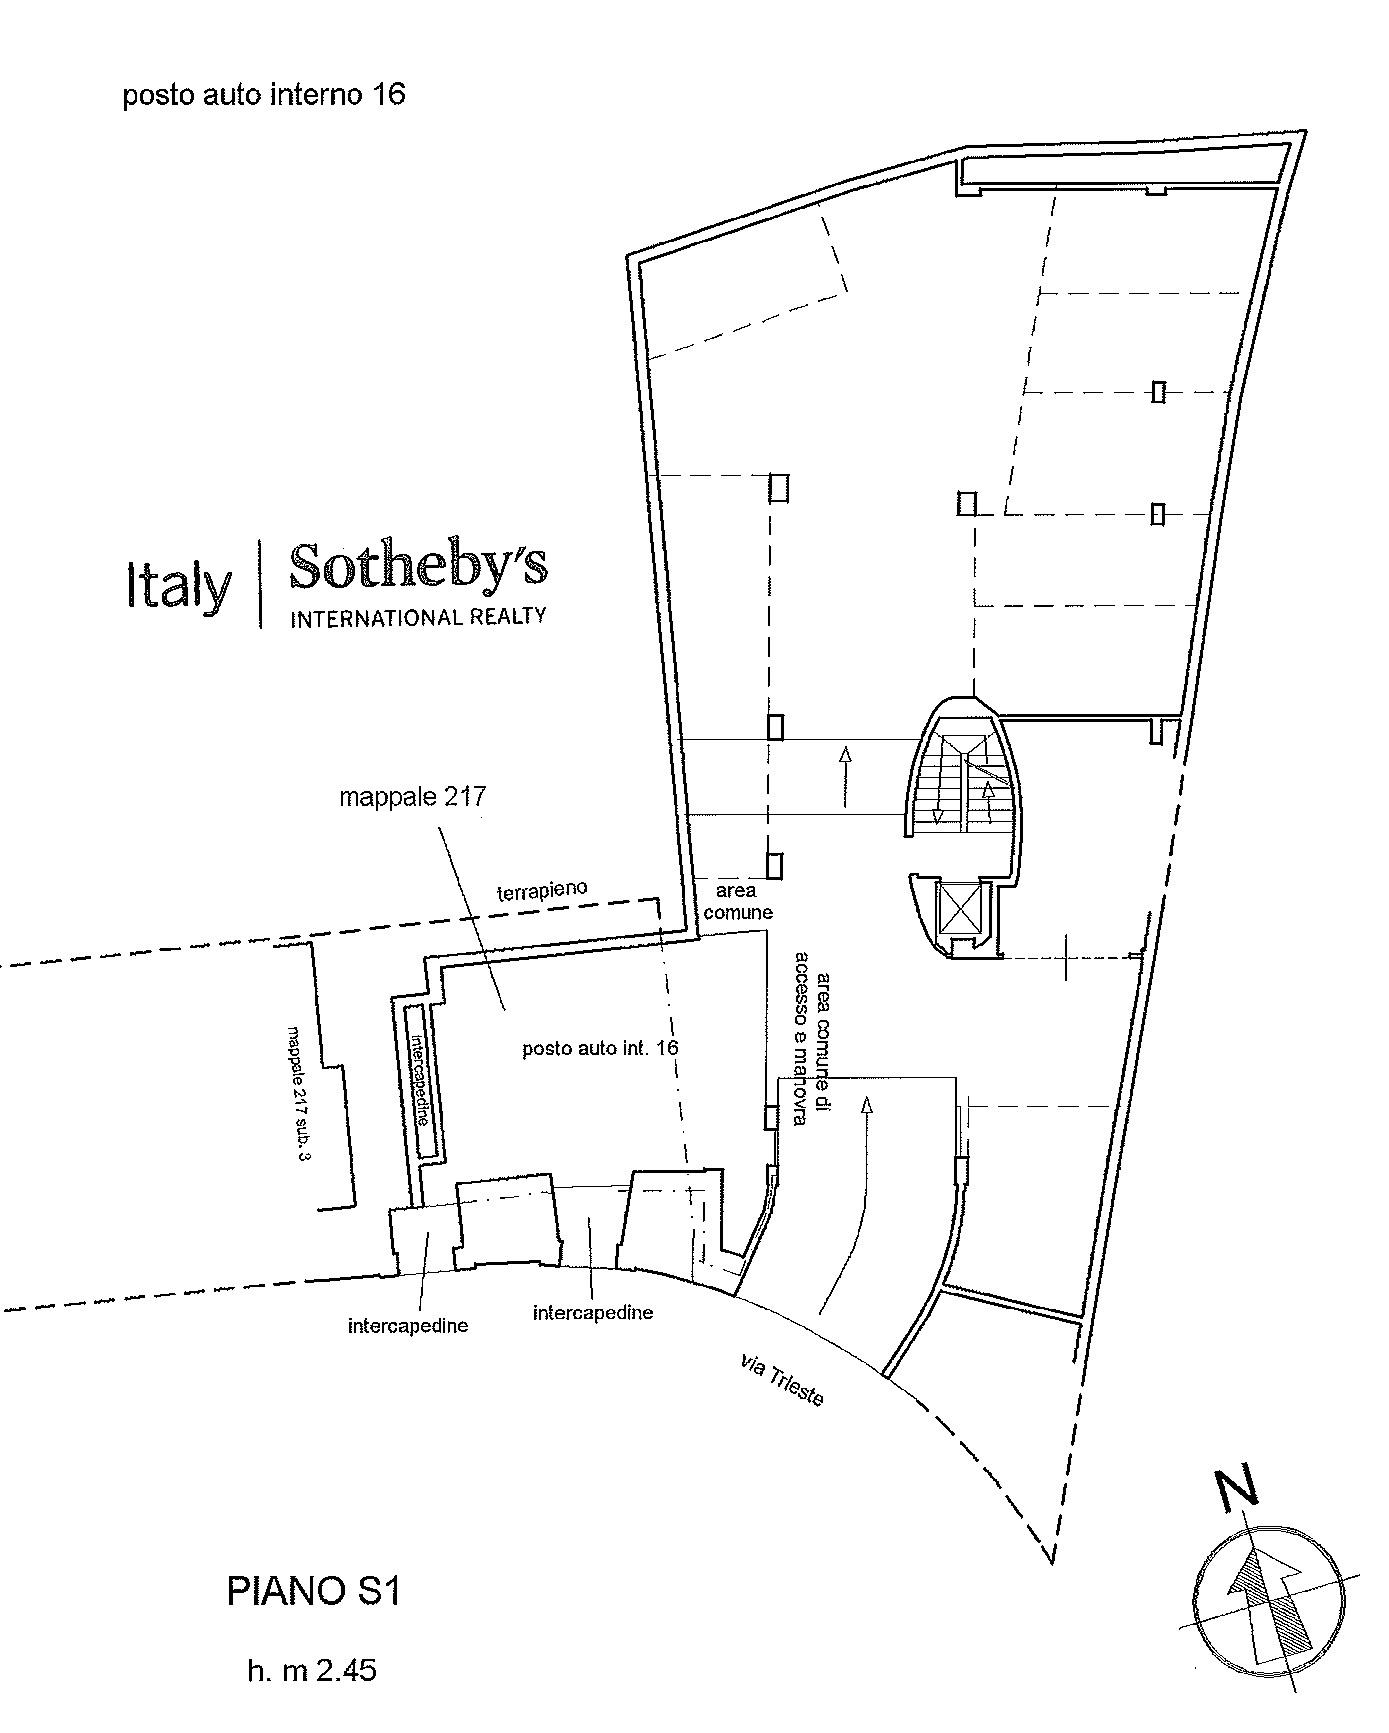 Attico in Vendita a Santa Margherita Ligure: 5 locali, 210 mq - Foto 29